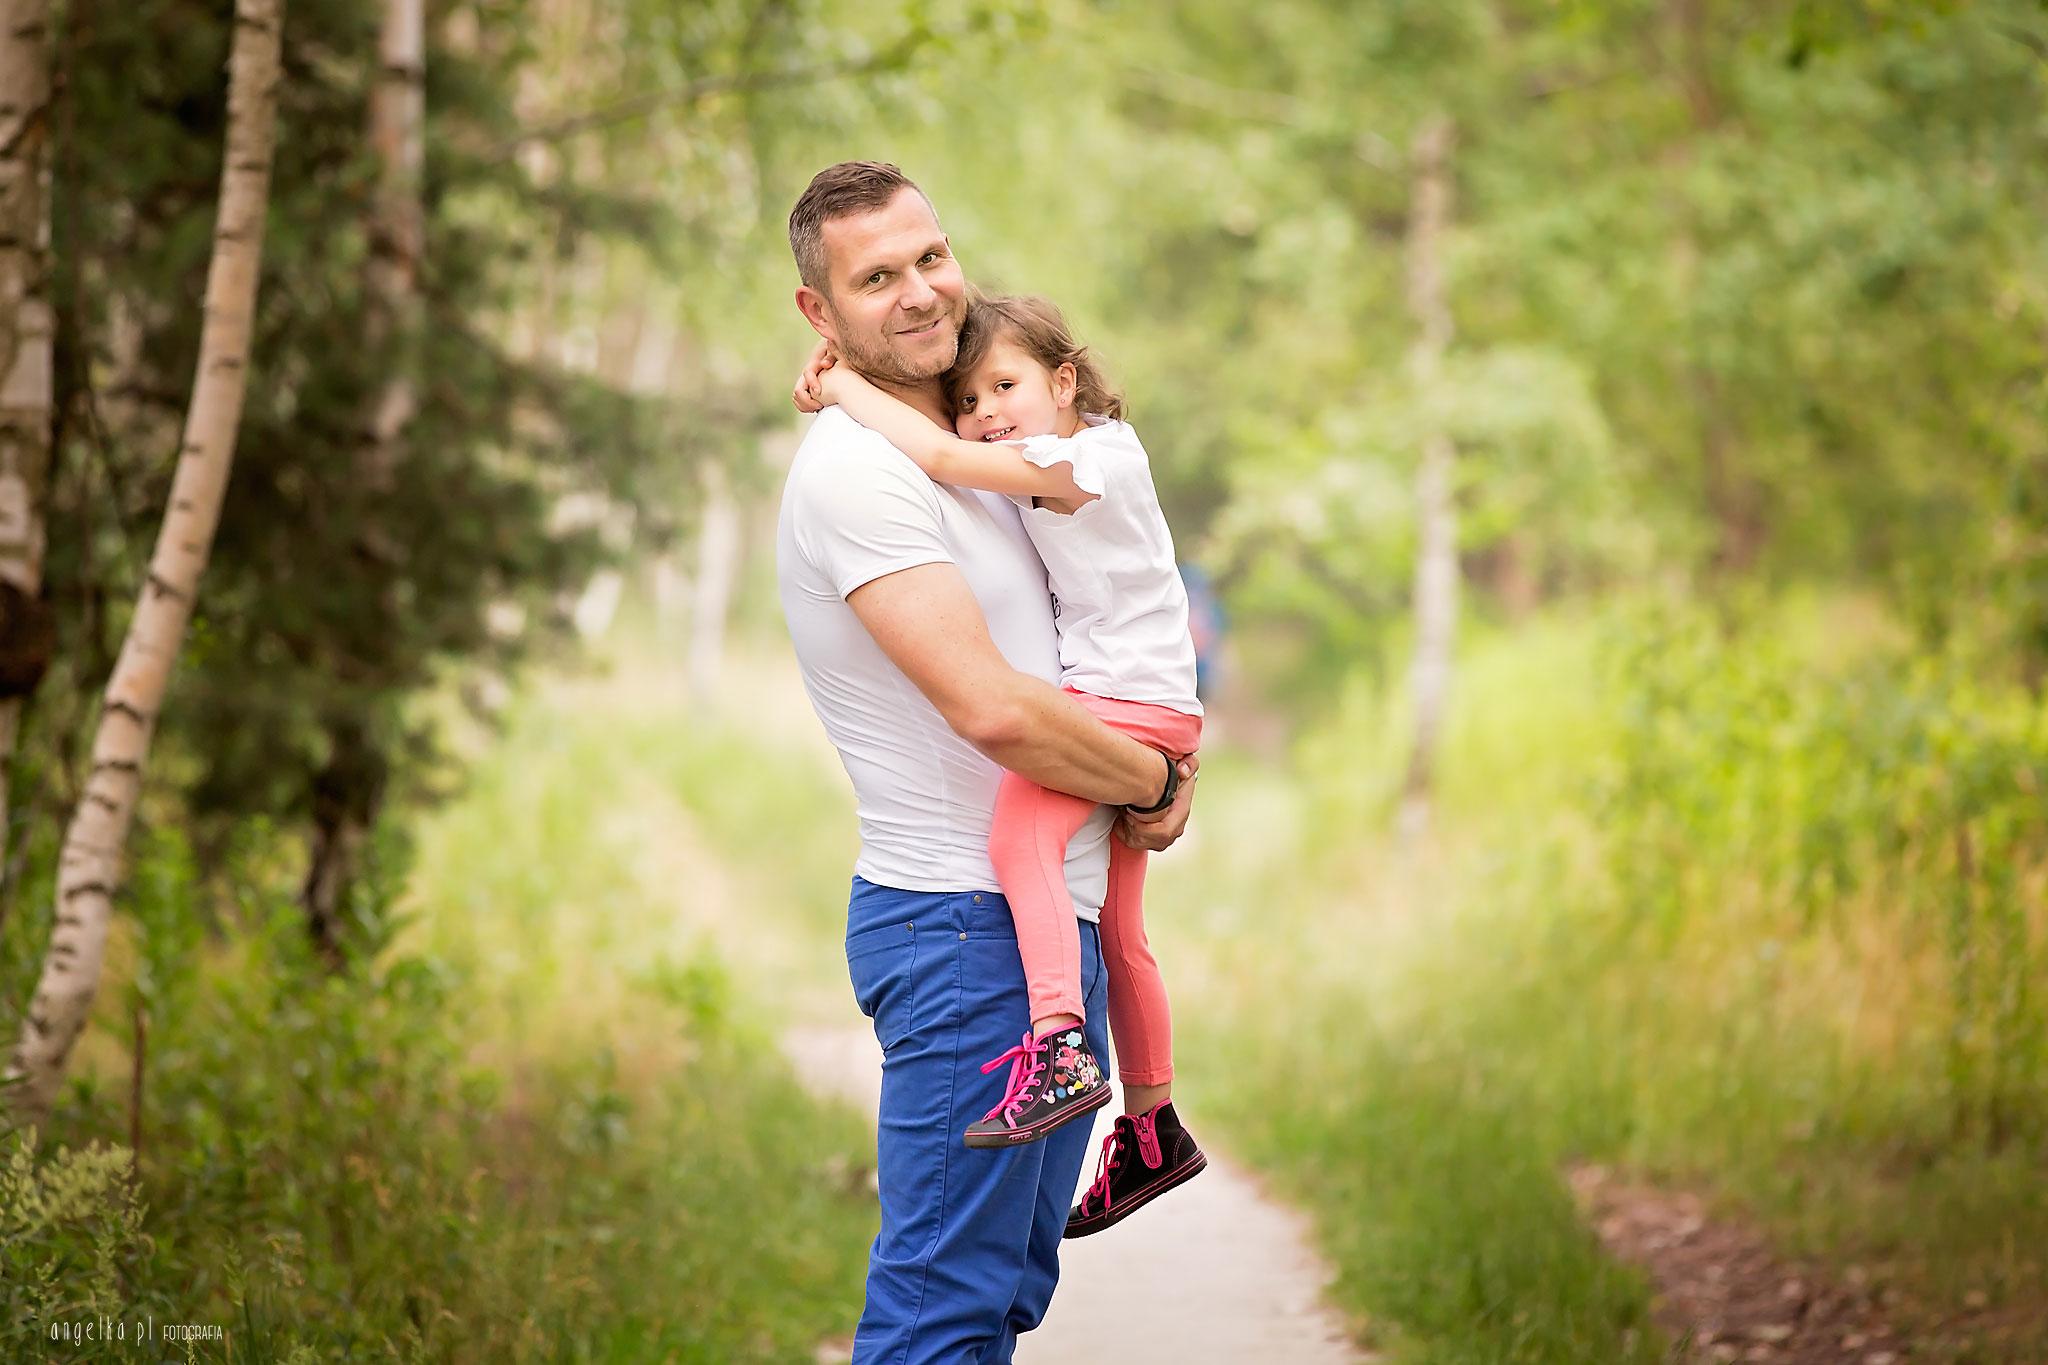 zdjęcia z tatą w lesie